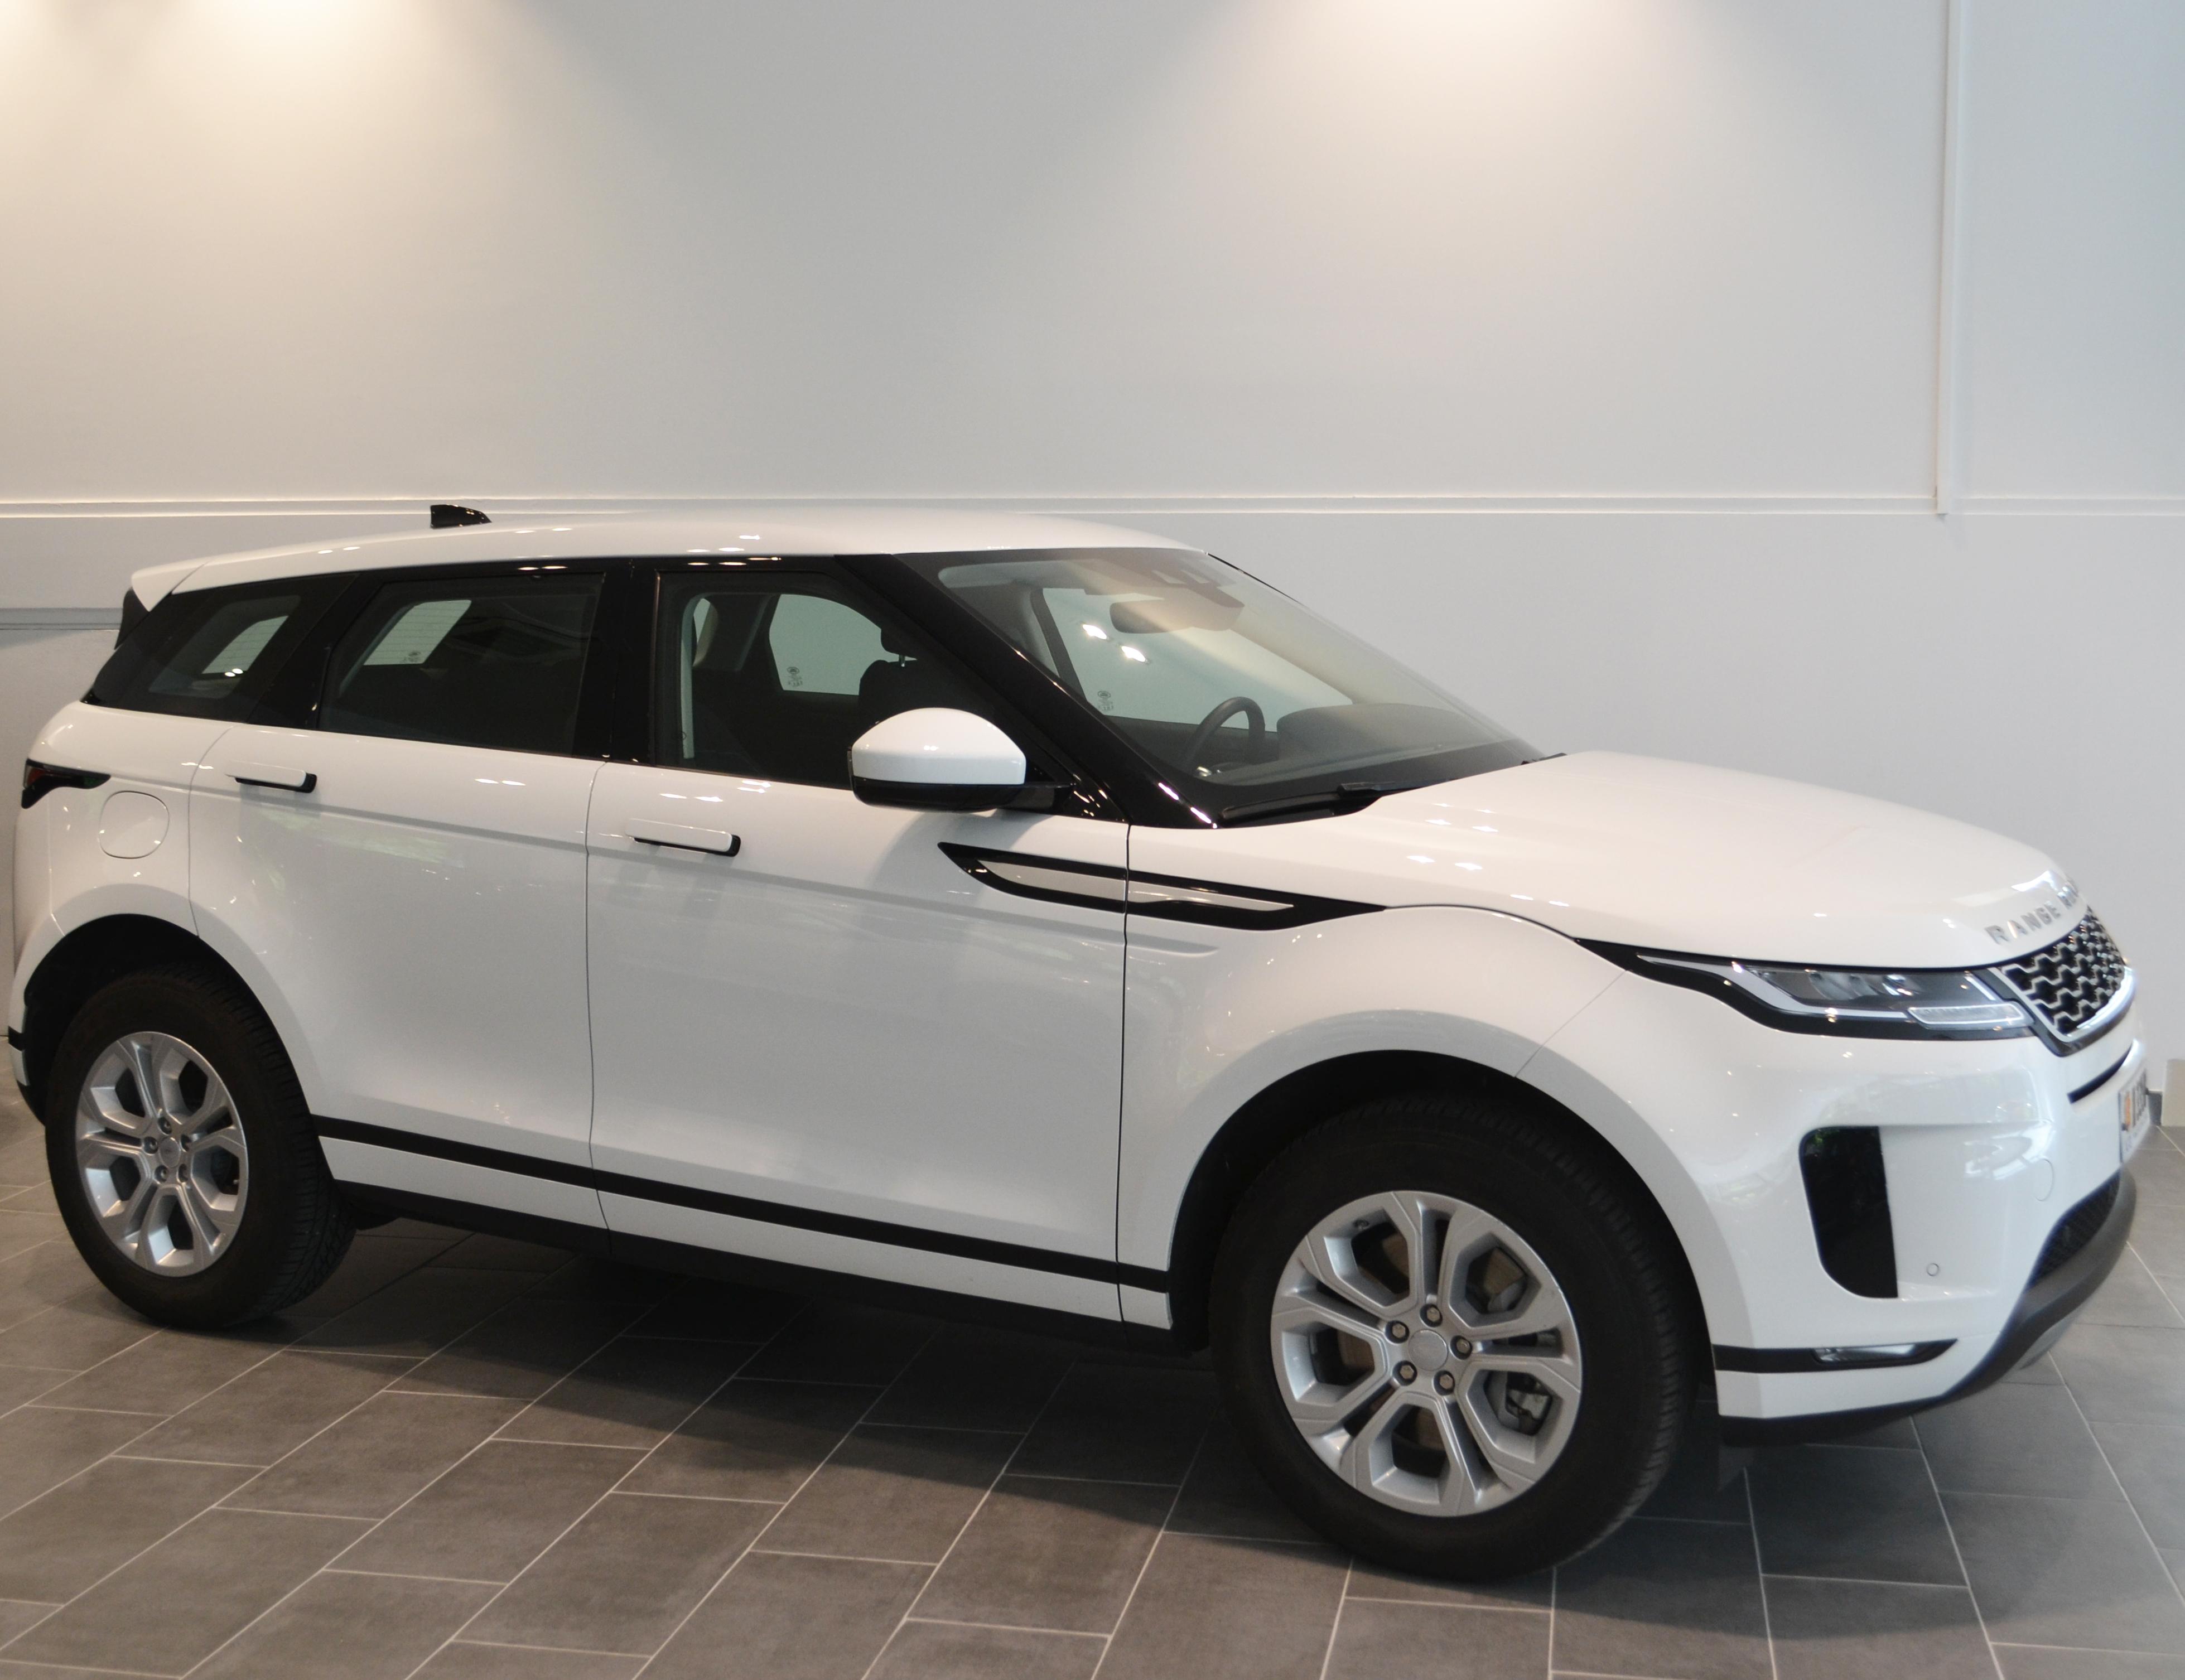 Land Rover - Range Rover Evoque - RANGE ROVER EVOQUE 2.0 RANGE ROVER EVOQUE 2.0 Dièsel  2019  18.410 Km